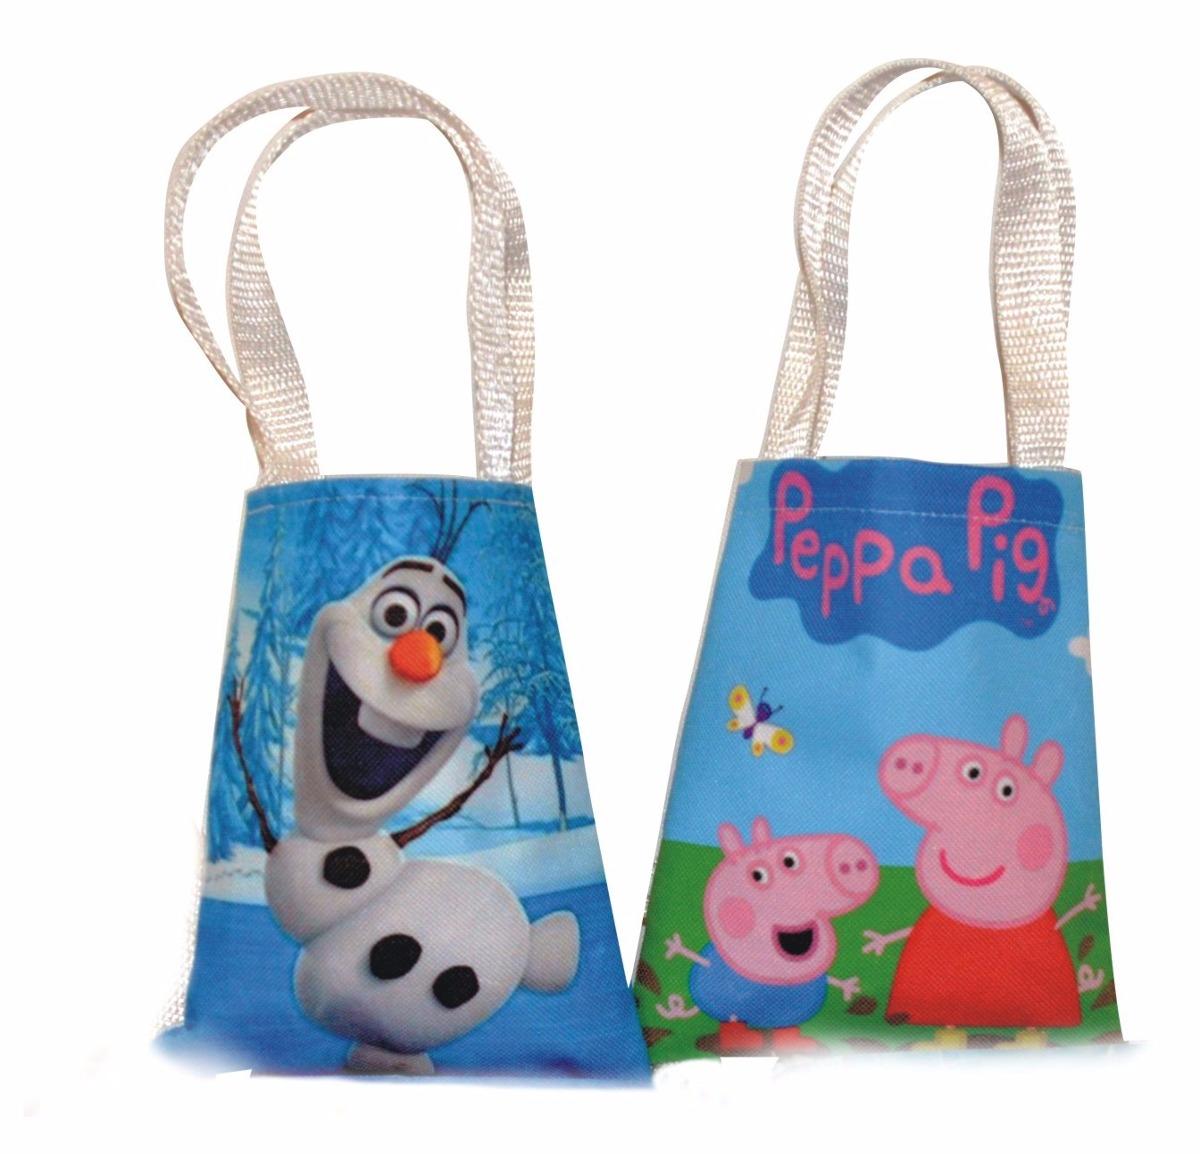 10 bolsitas dulceros personalizados regalo para fiestas for Regalos para fiestas de cumpleanos infantiles